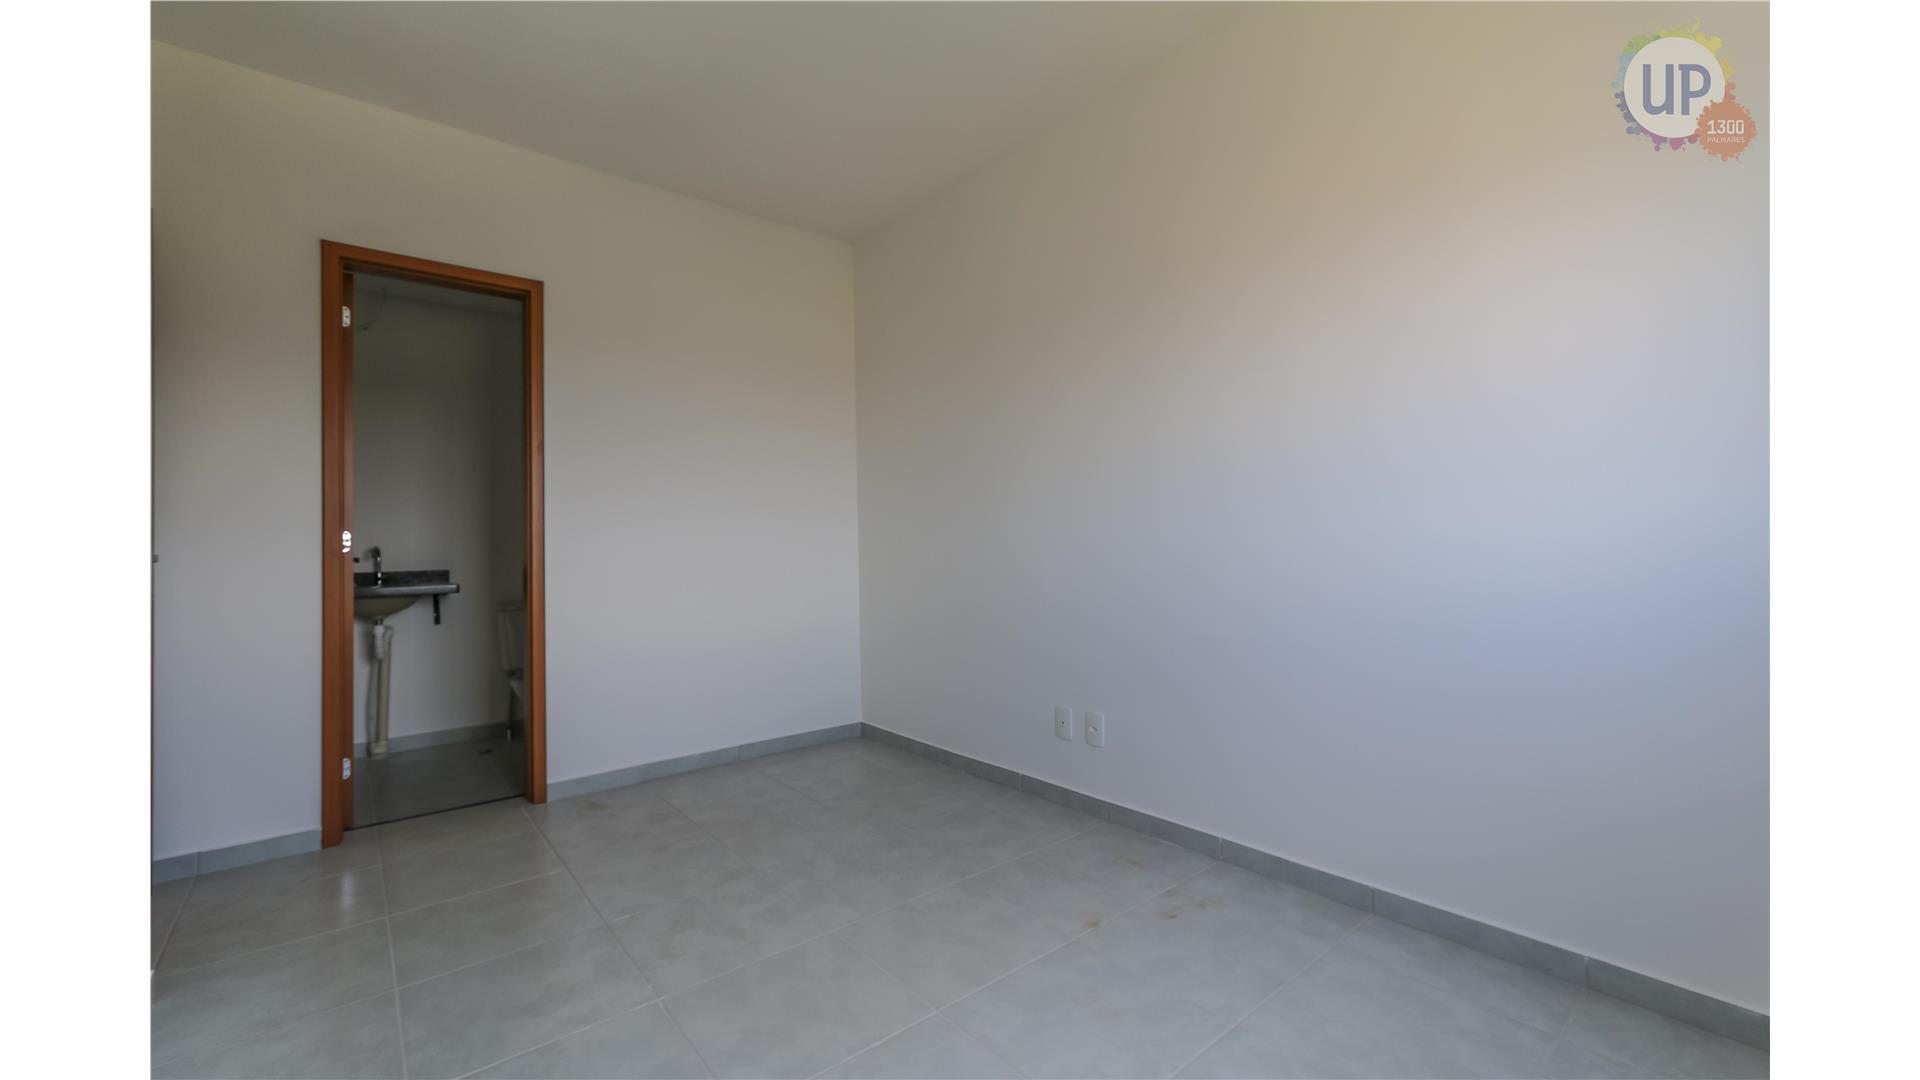 Sala 5.JPG